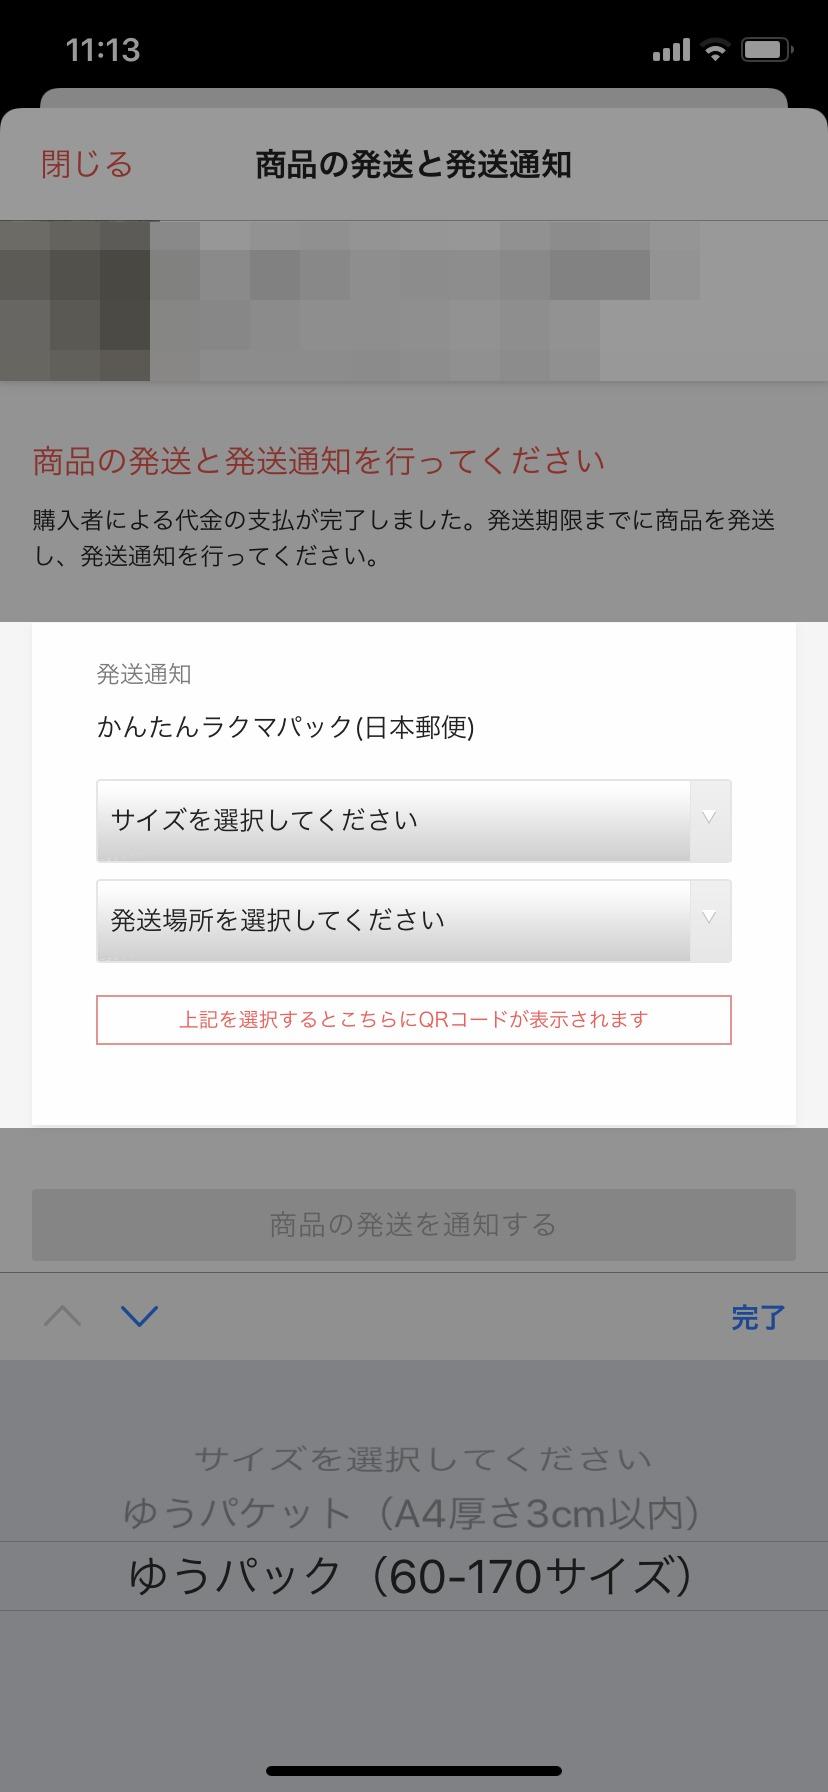 ラクマパック 郵便 かんたん 日本